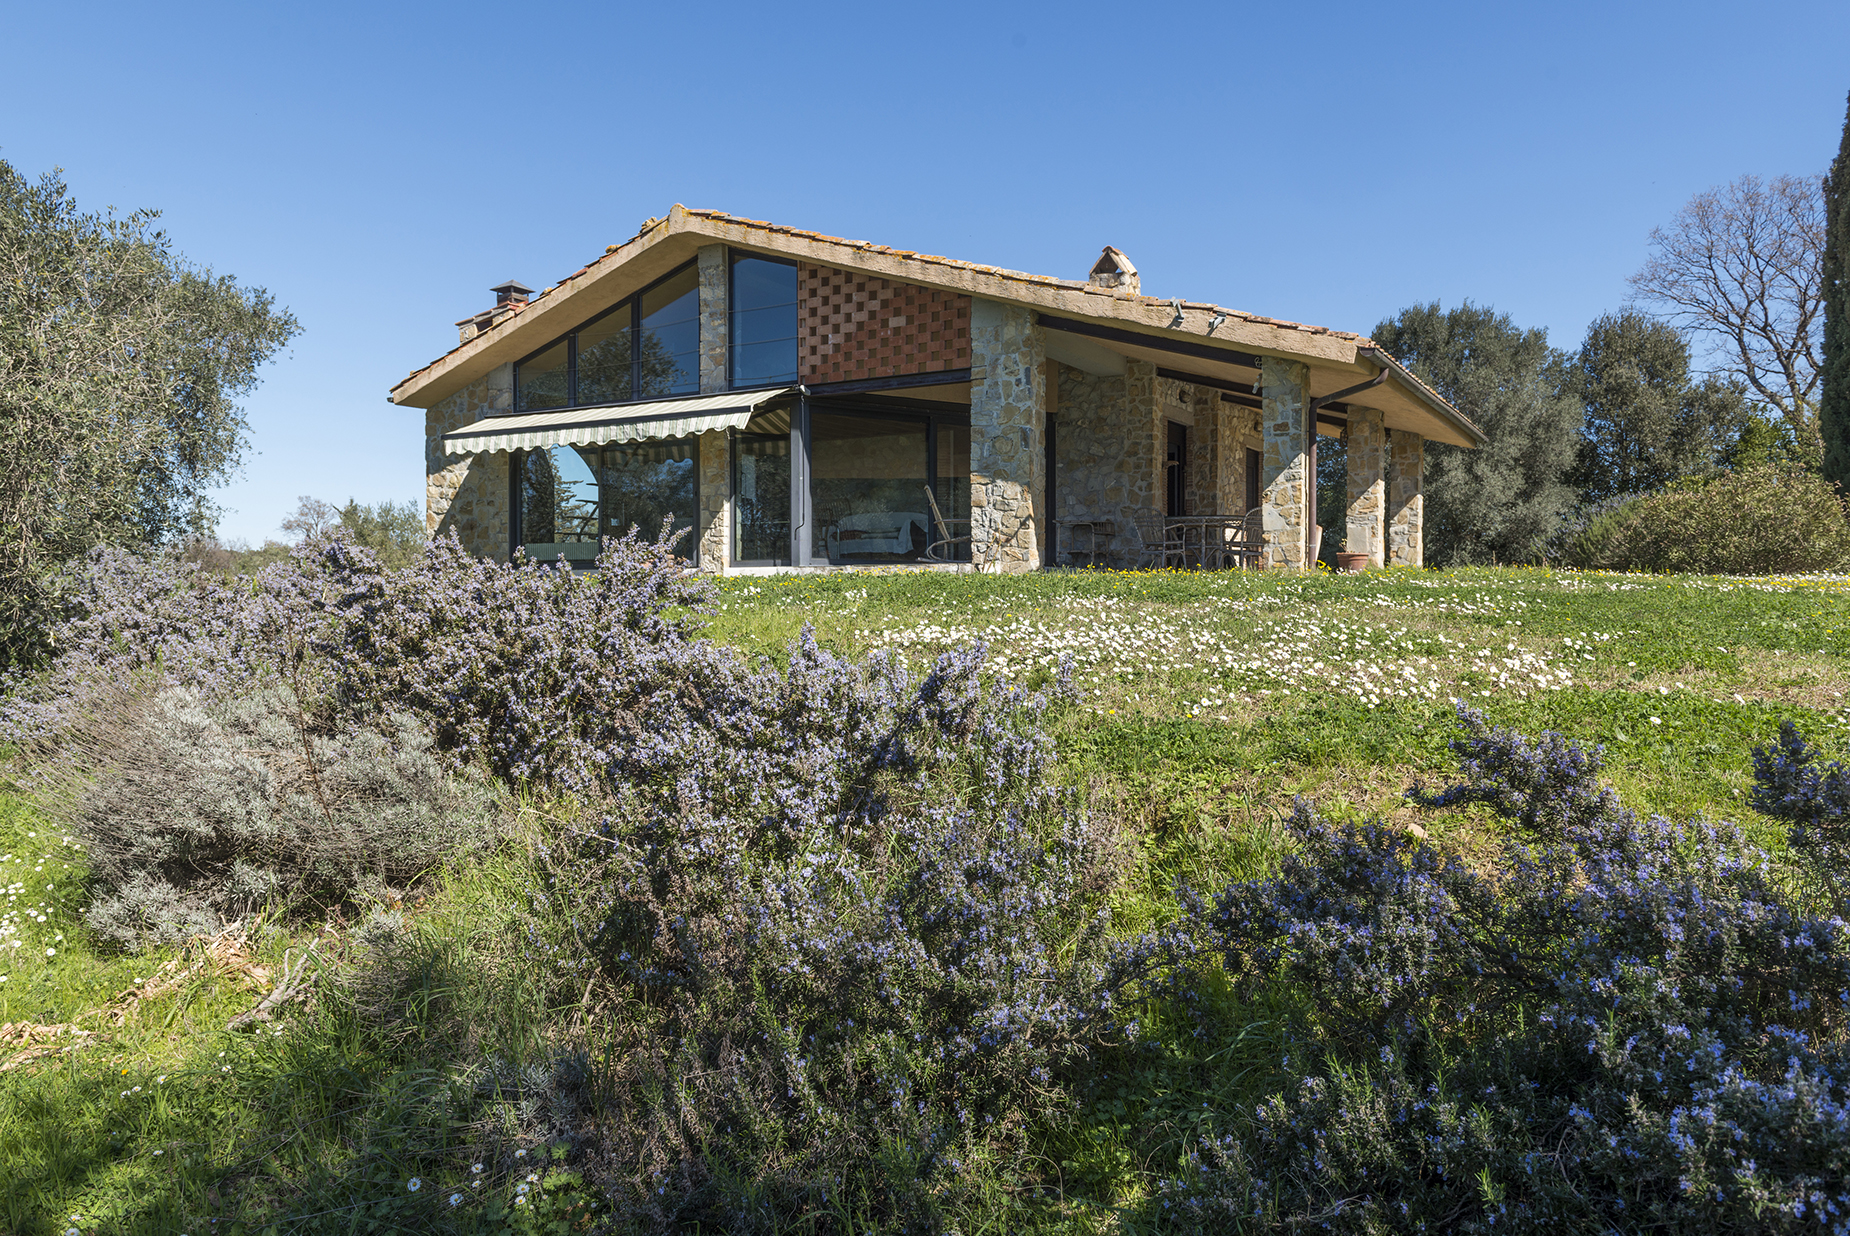 Villa in Vendita a Magliano In Toscana: 5 locali, 141 mq - Foto 8